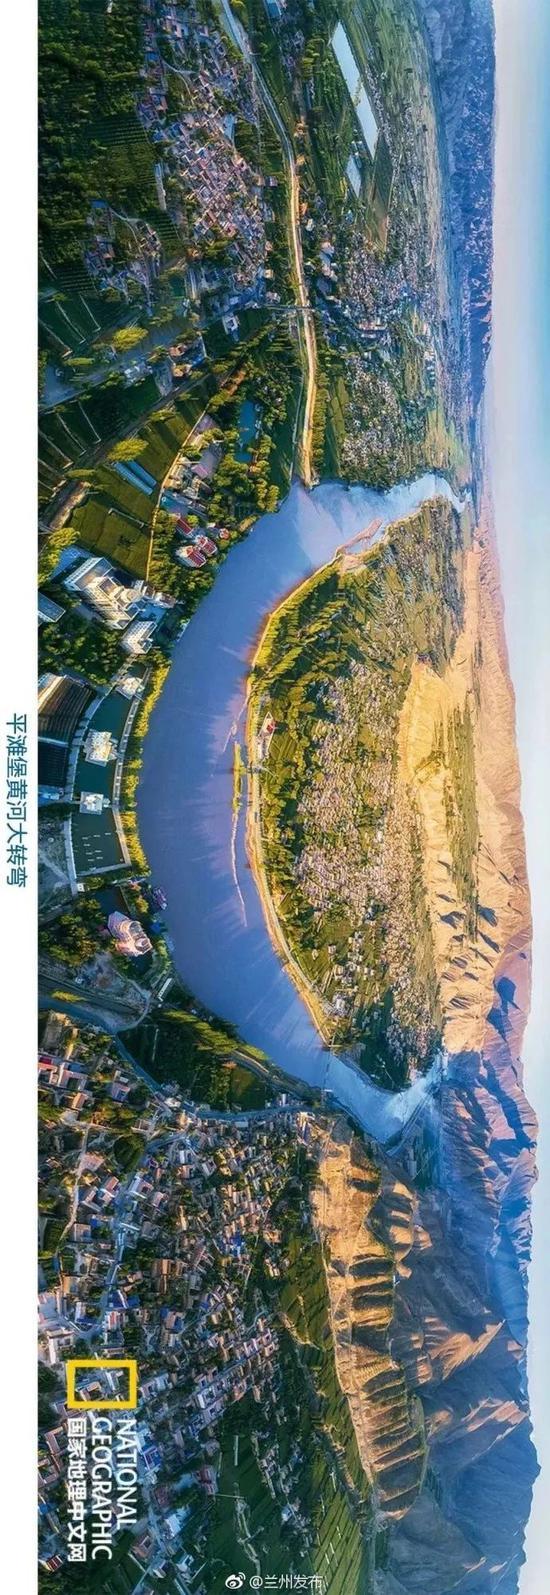 ▲图片来源:国家地理中文网、@兰州发布微博